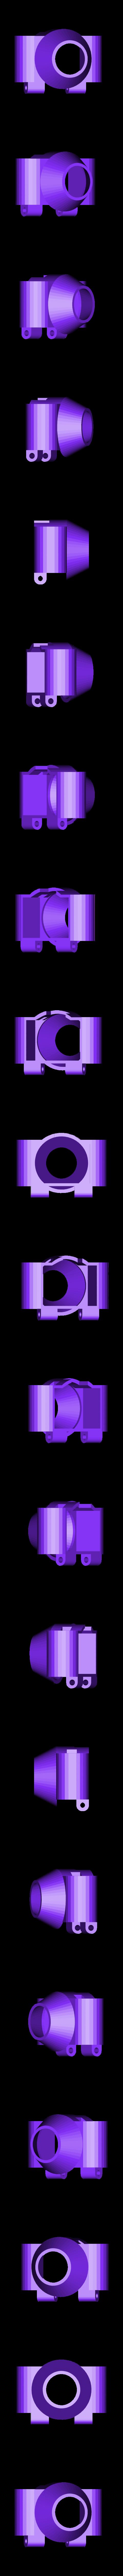 Protection pod Camera TX01and TX02 for 3mm.stl Descargar archivo STL gratis Protección de la cámara FPV TPU Eachine TX01 / TX02 / TX03 • Diseño para la impresora 3D, Microdure